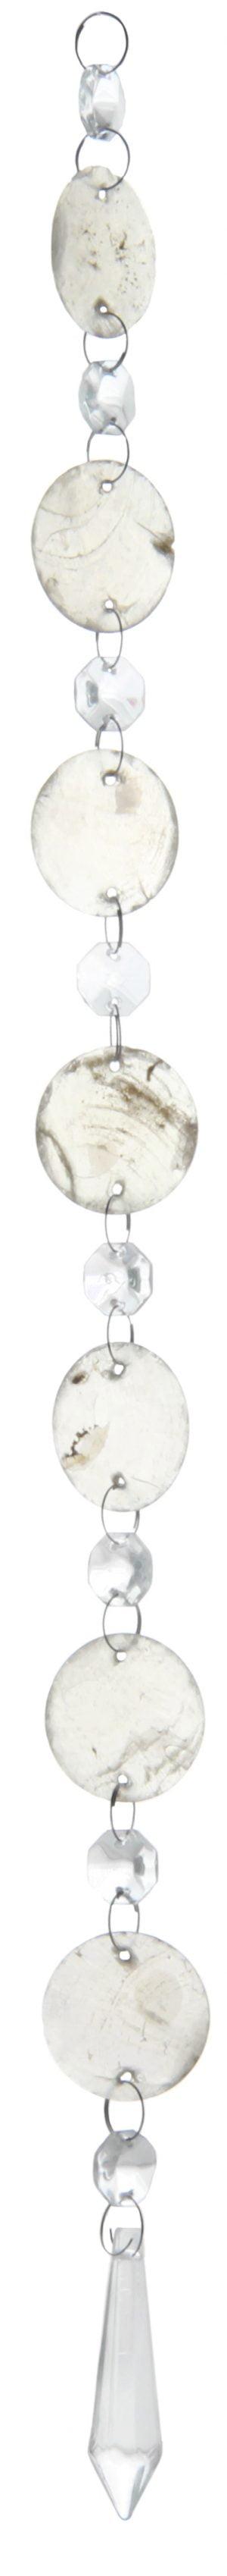 """Kirkas kristalliketju, jossa on kahdeksan kahdeksan kulmaista kristallia, joiden välissä on pyöreät """"helmisimpukka"""" laatat. Alinna riippuu pidempi, alaspäin levenevä kristalli, joka kärjistyy alaosassa keskelle."""